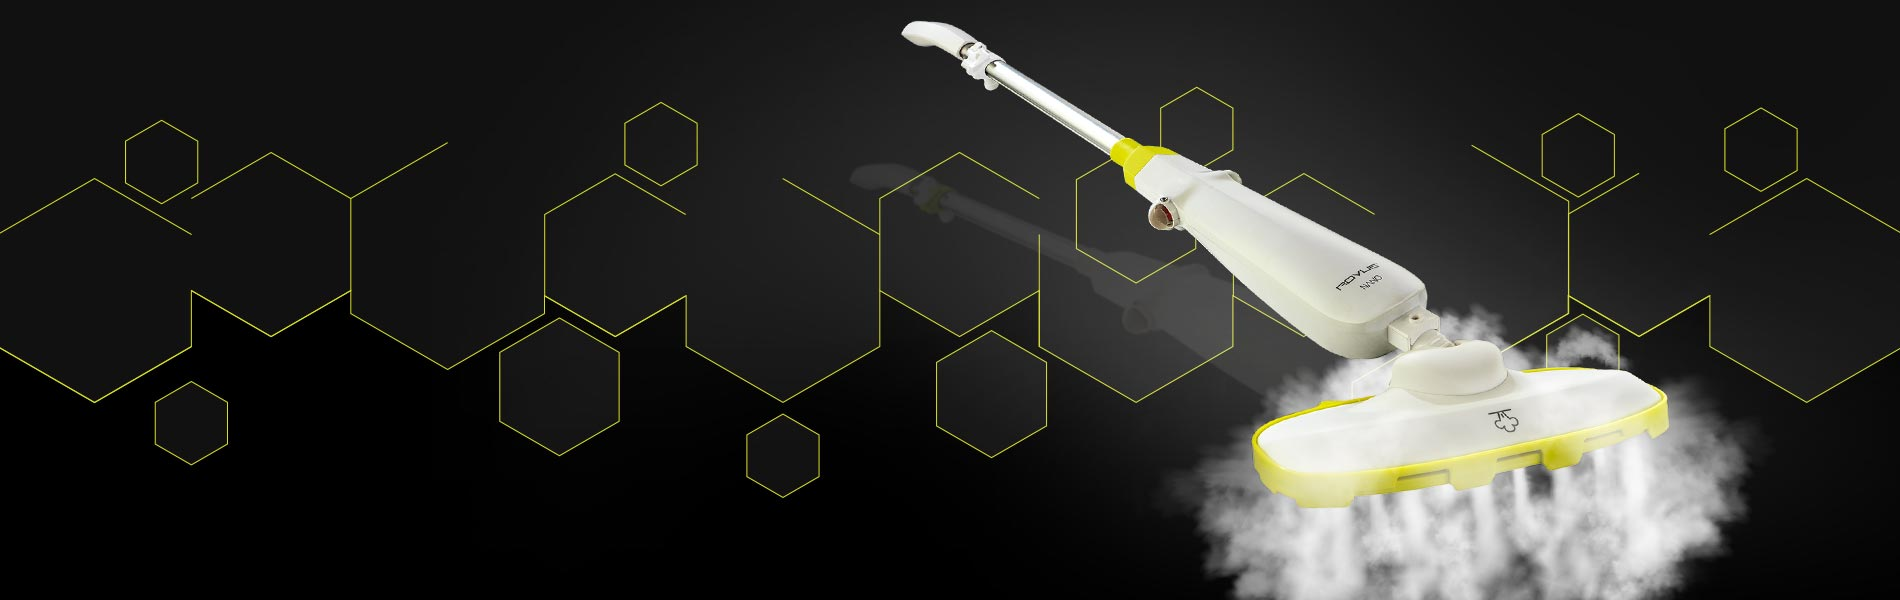 Shtupë higjienizuese me avull Nano